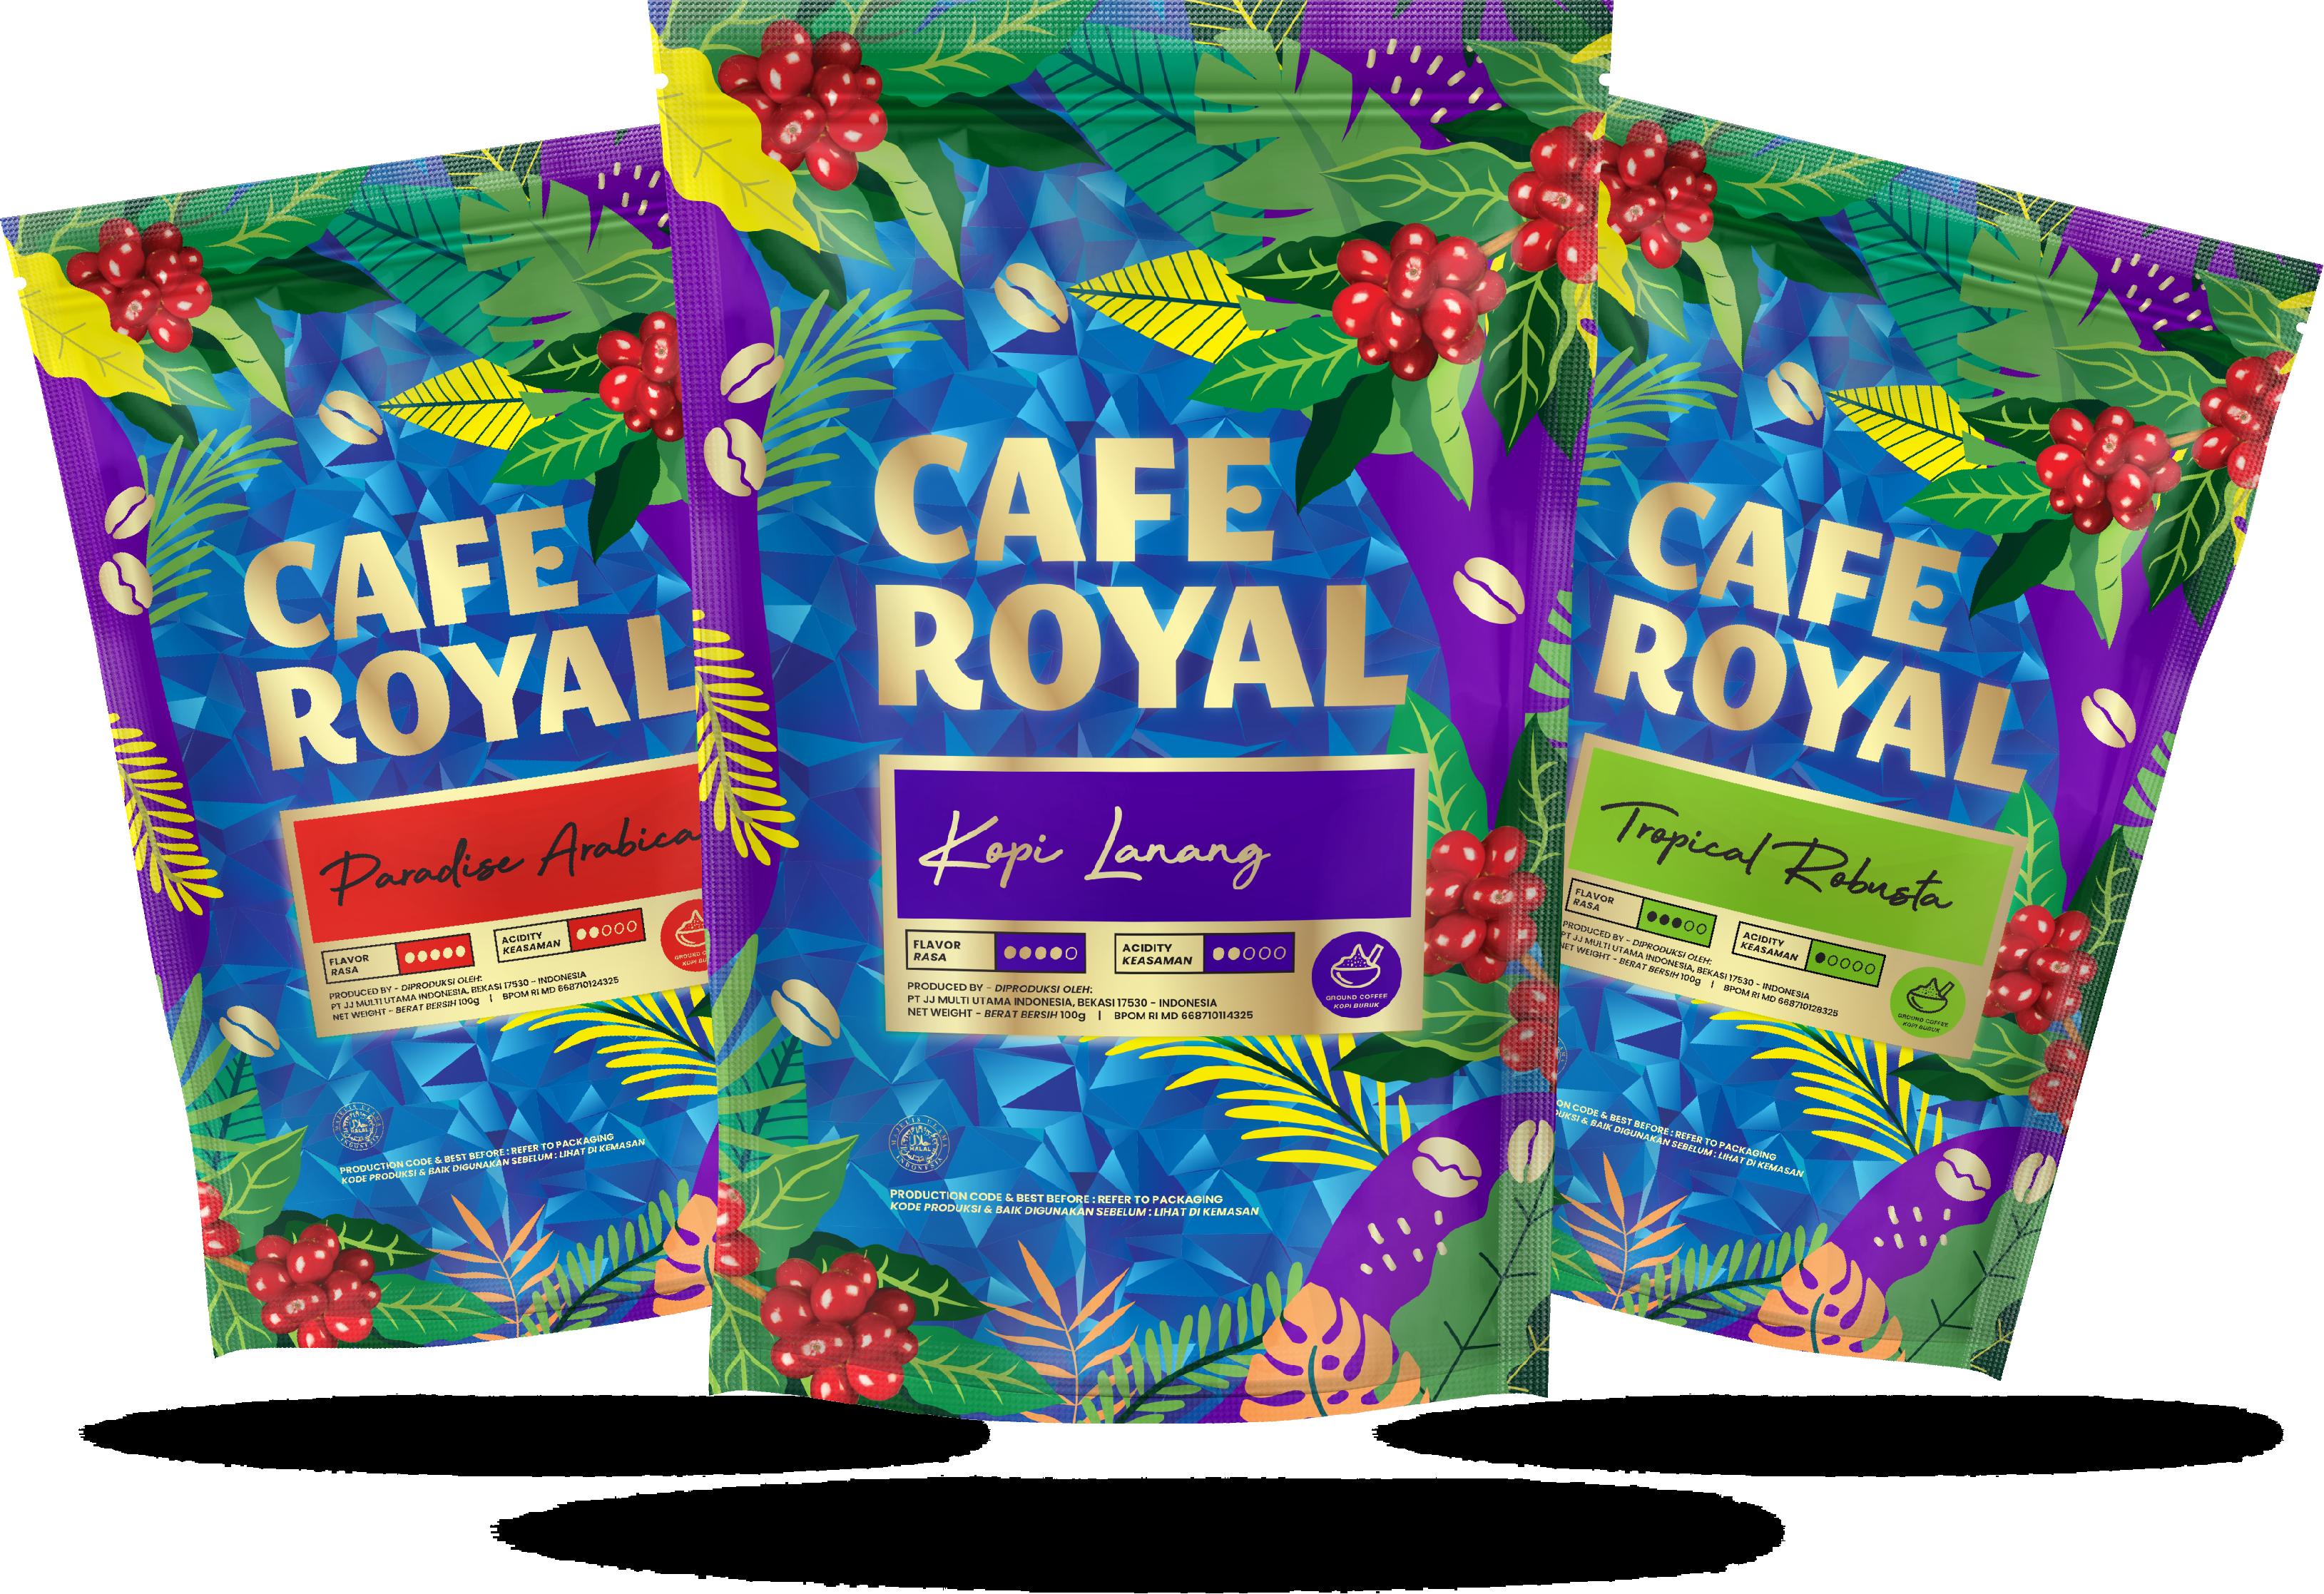 varian cafe royal